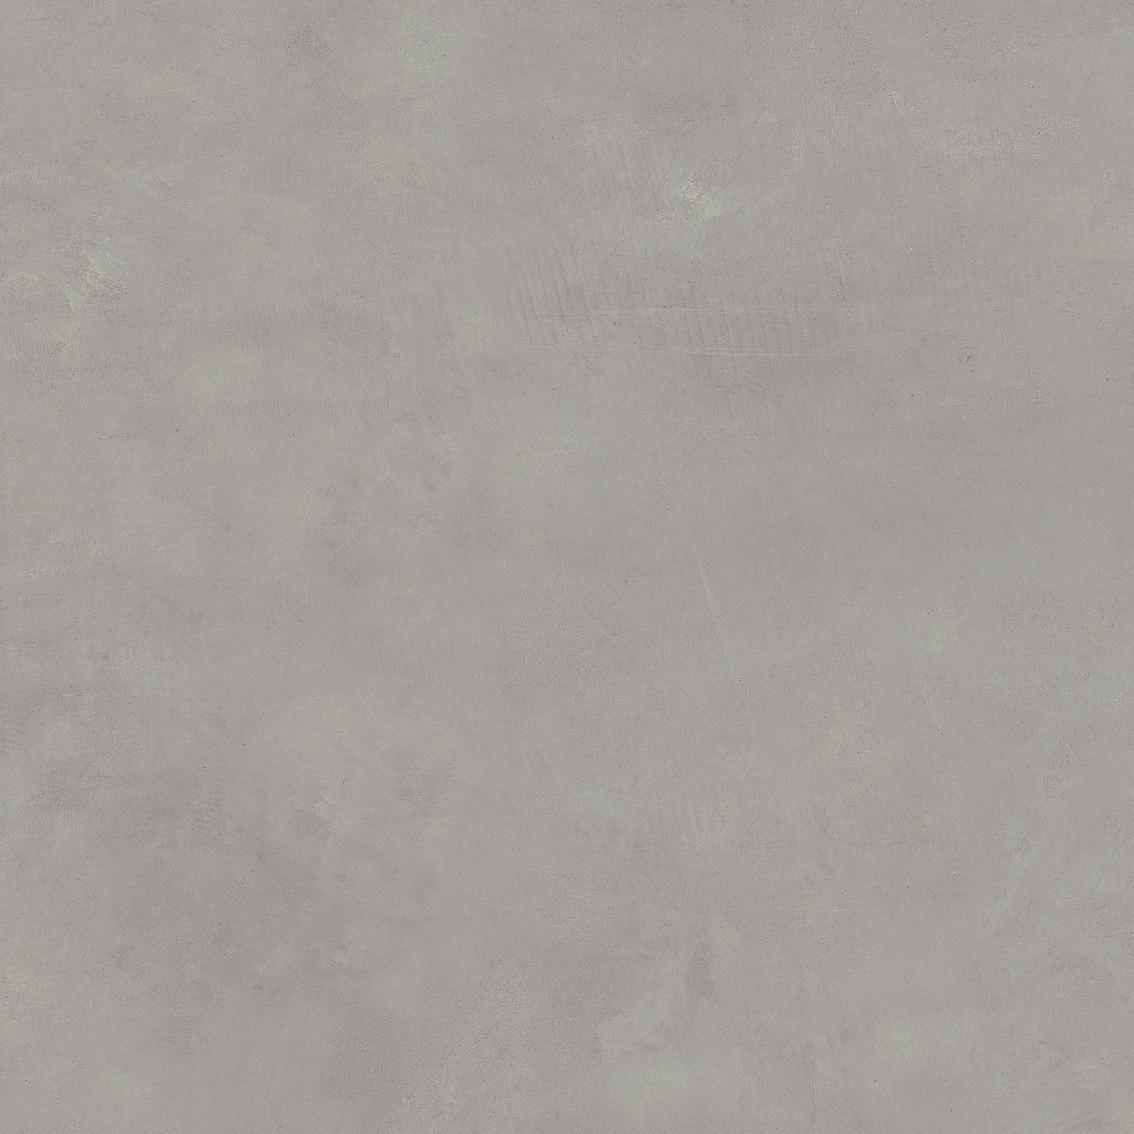 Плитка для підлоги Abba темно-сірий 400x400x9 мм